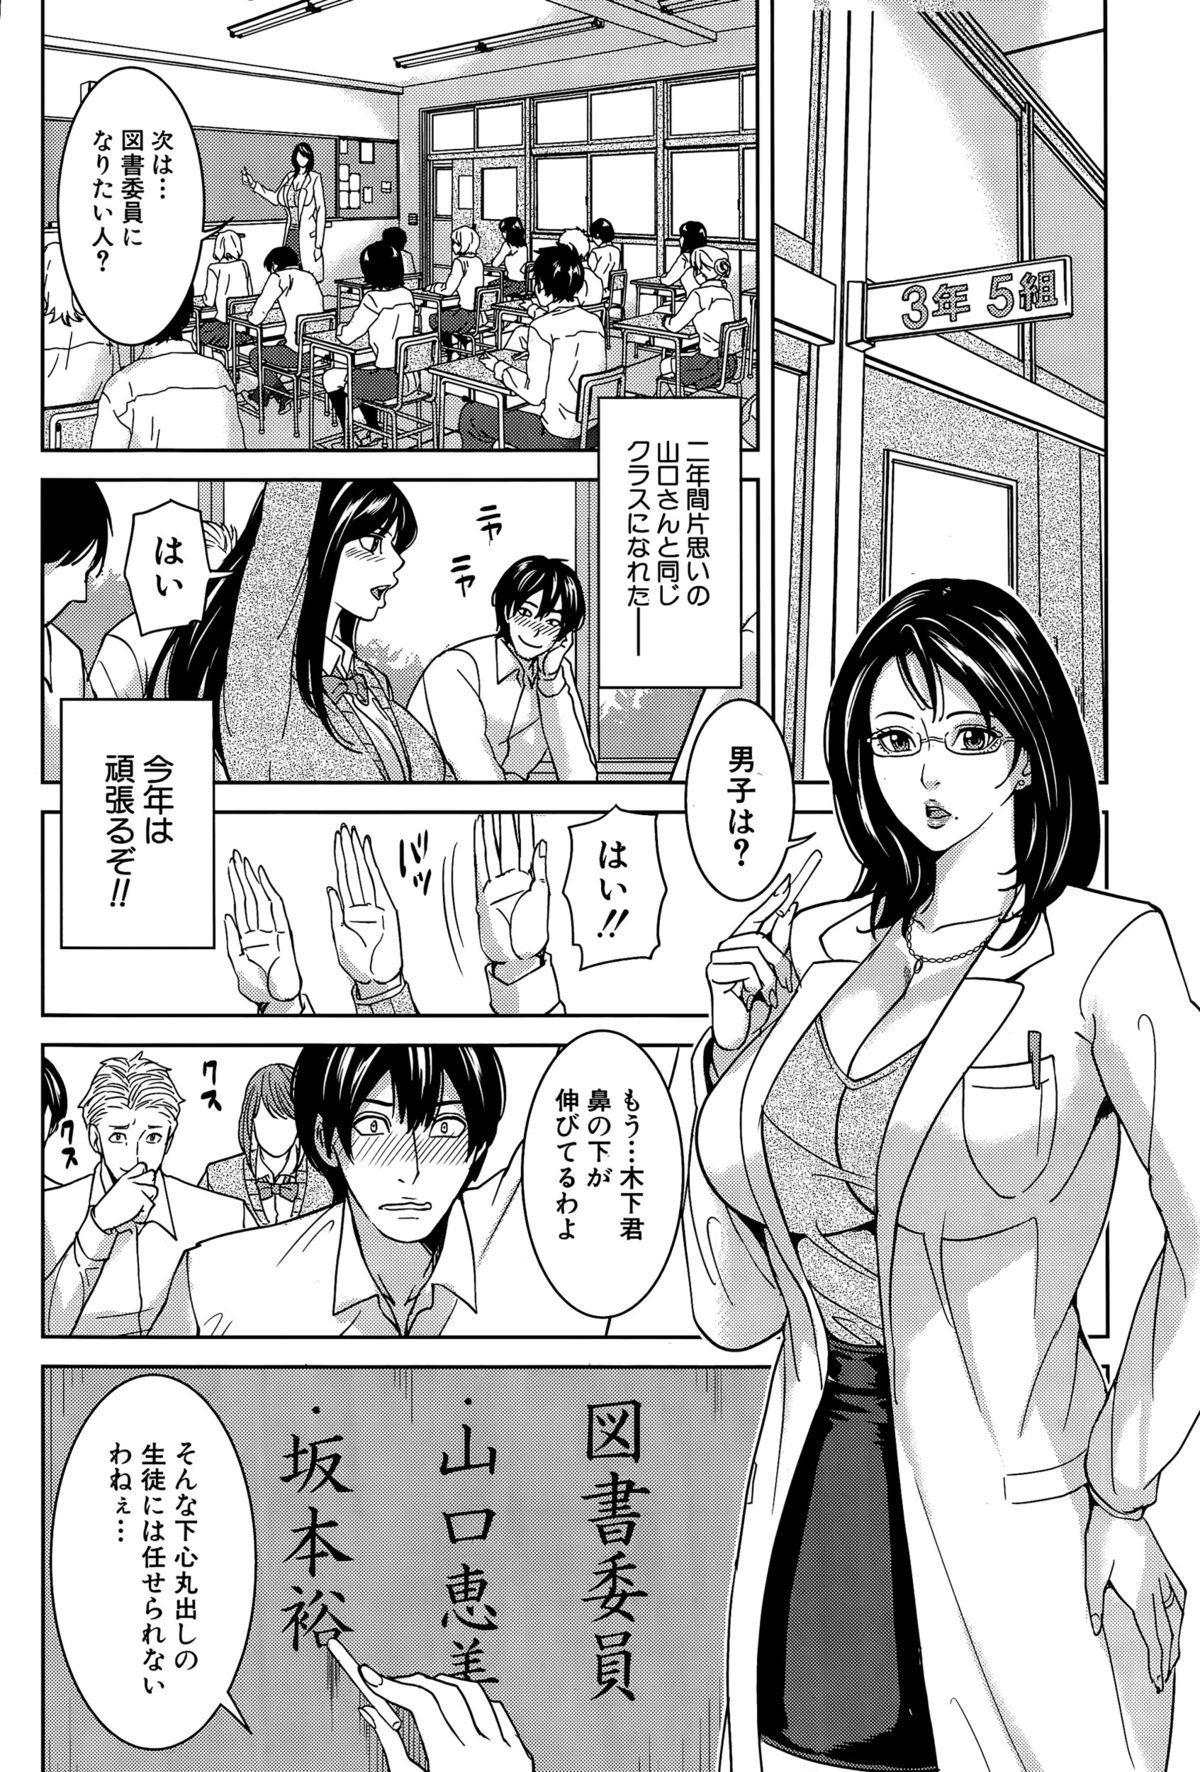 Kyouko Sensei to Boku no Himitsu 5